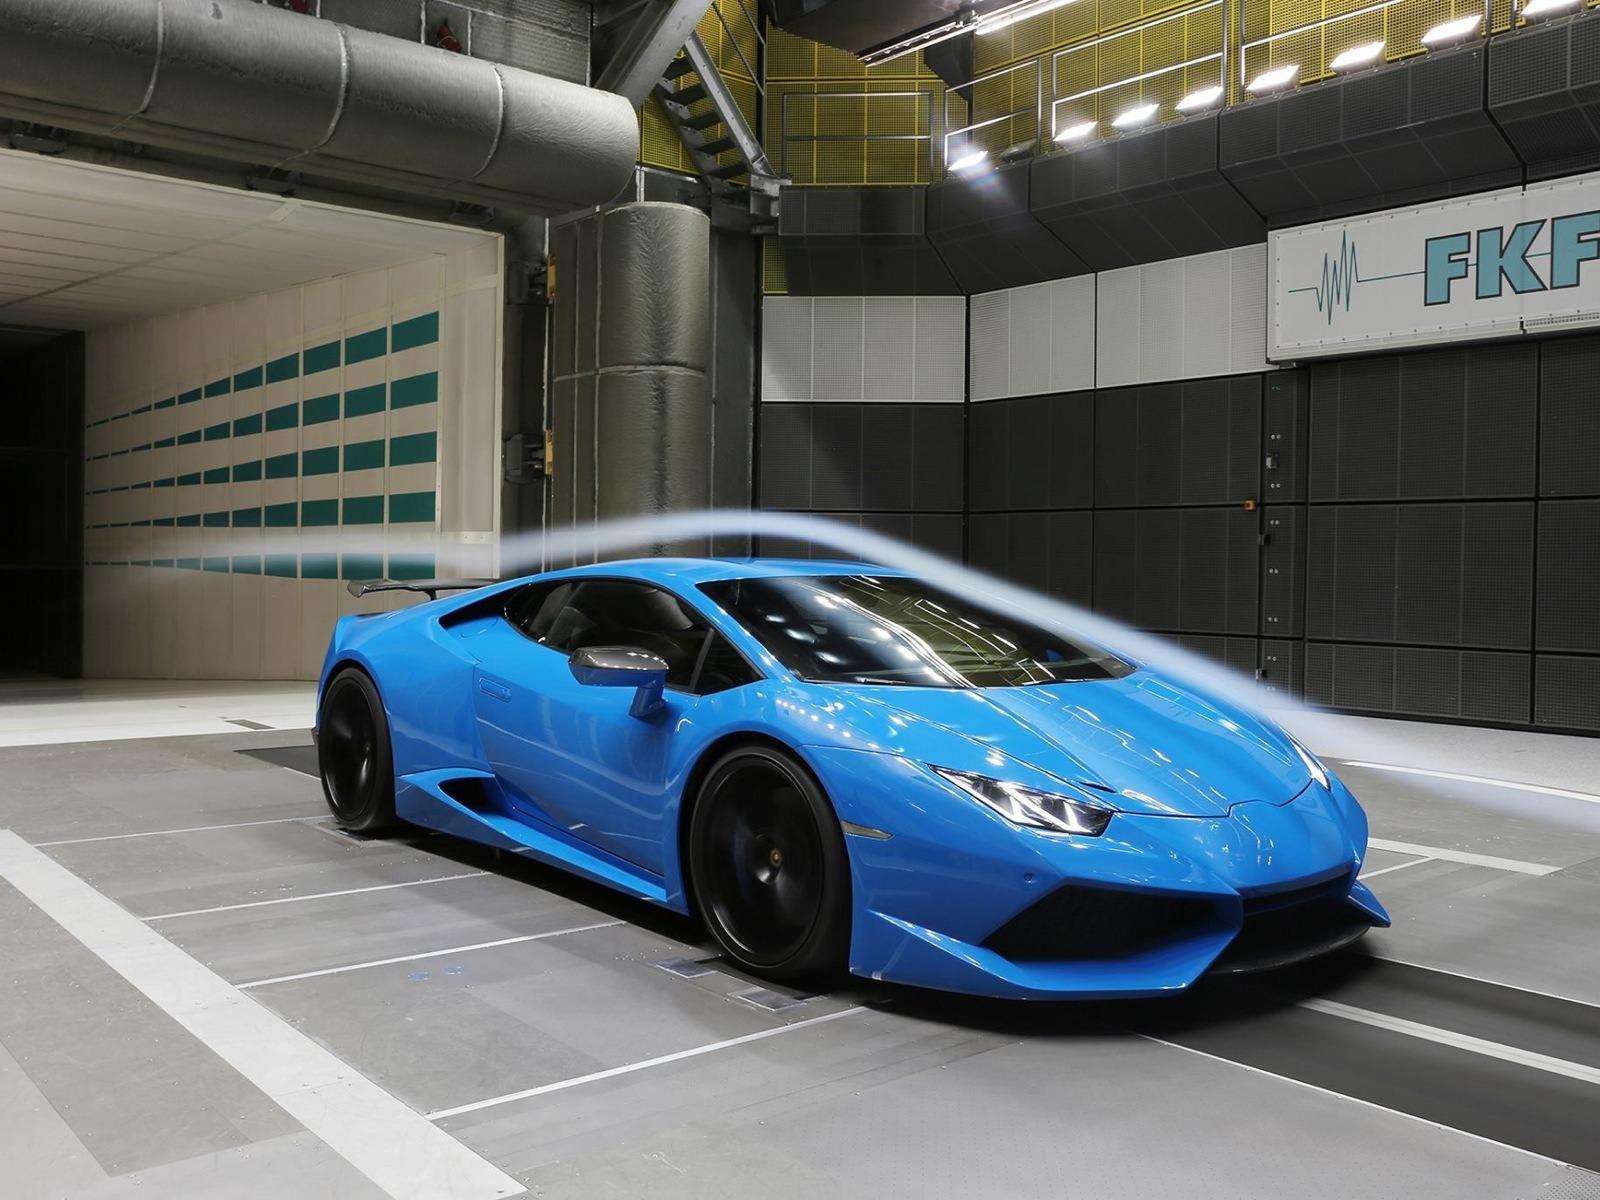 Fondos De Pantalla Coches Azules Vehiculo Lamborghini Aventador